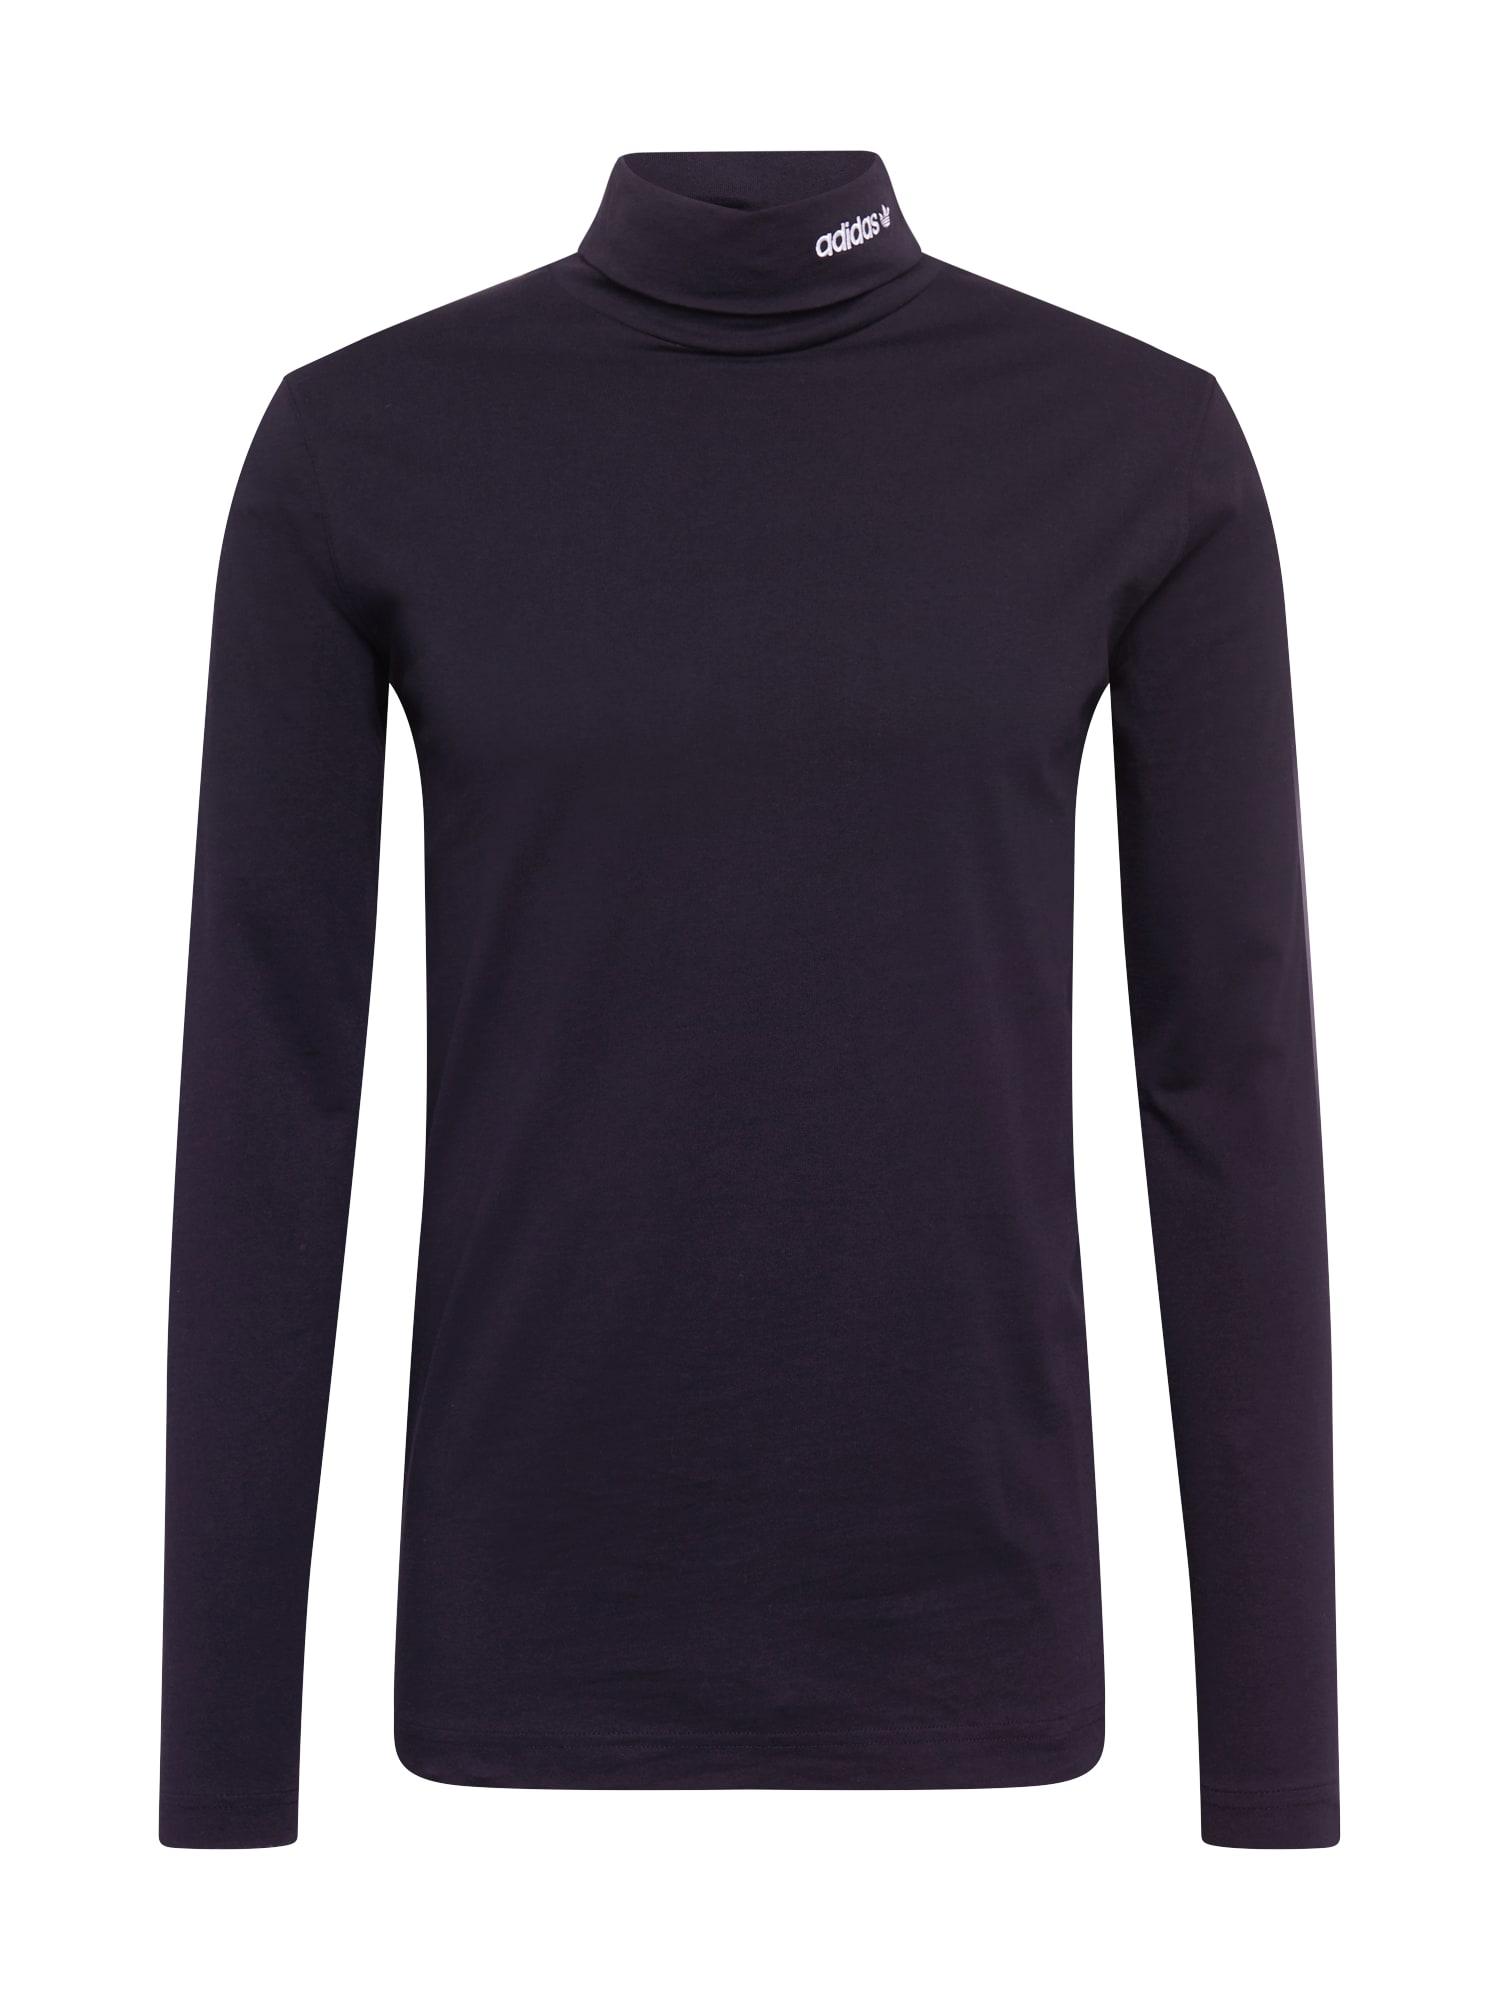 ADIDAS ORIGINALS Marškinėliai 'Adventure' juoda